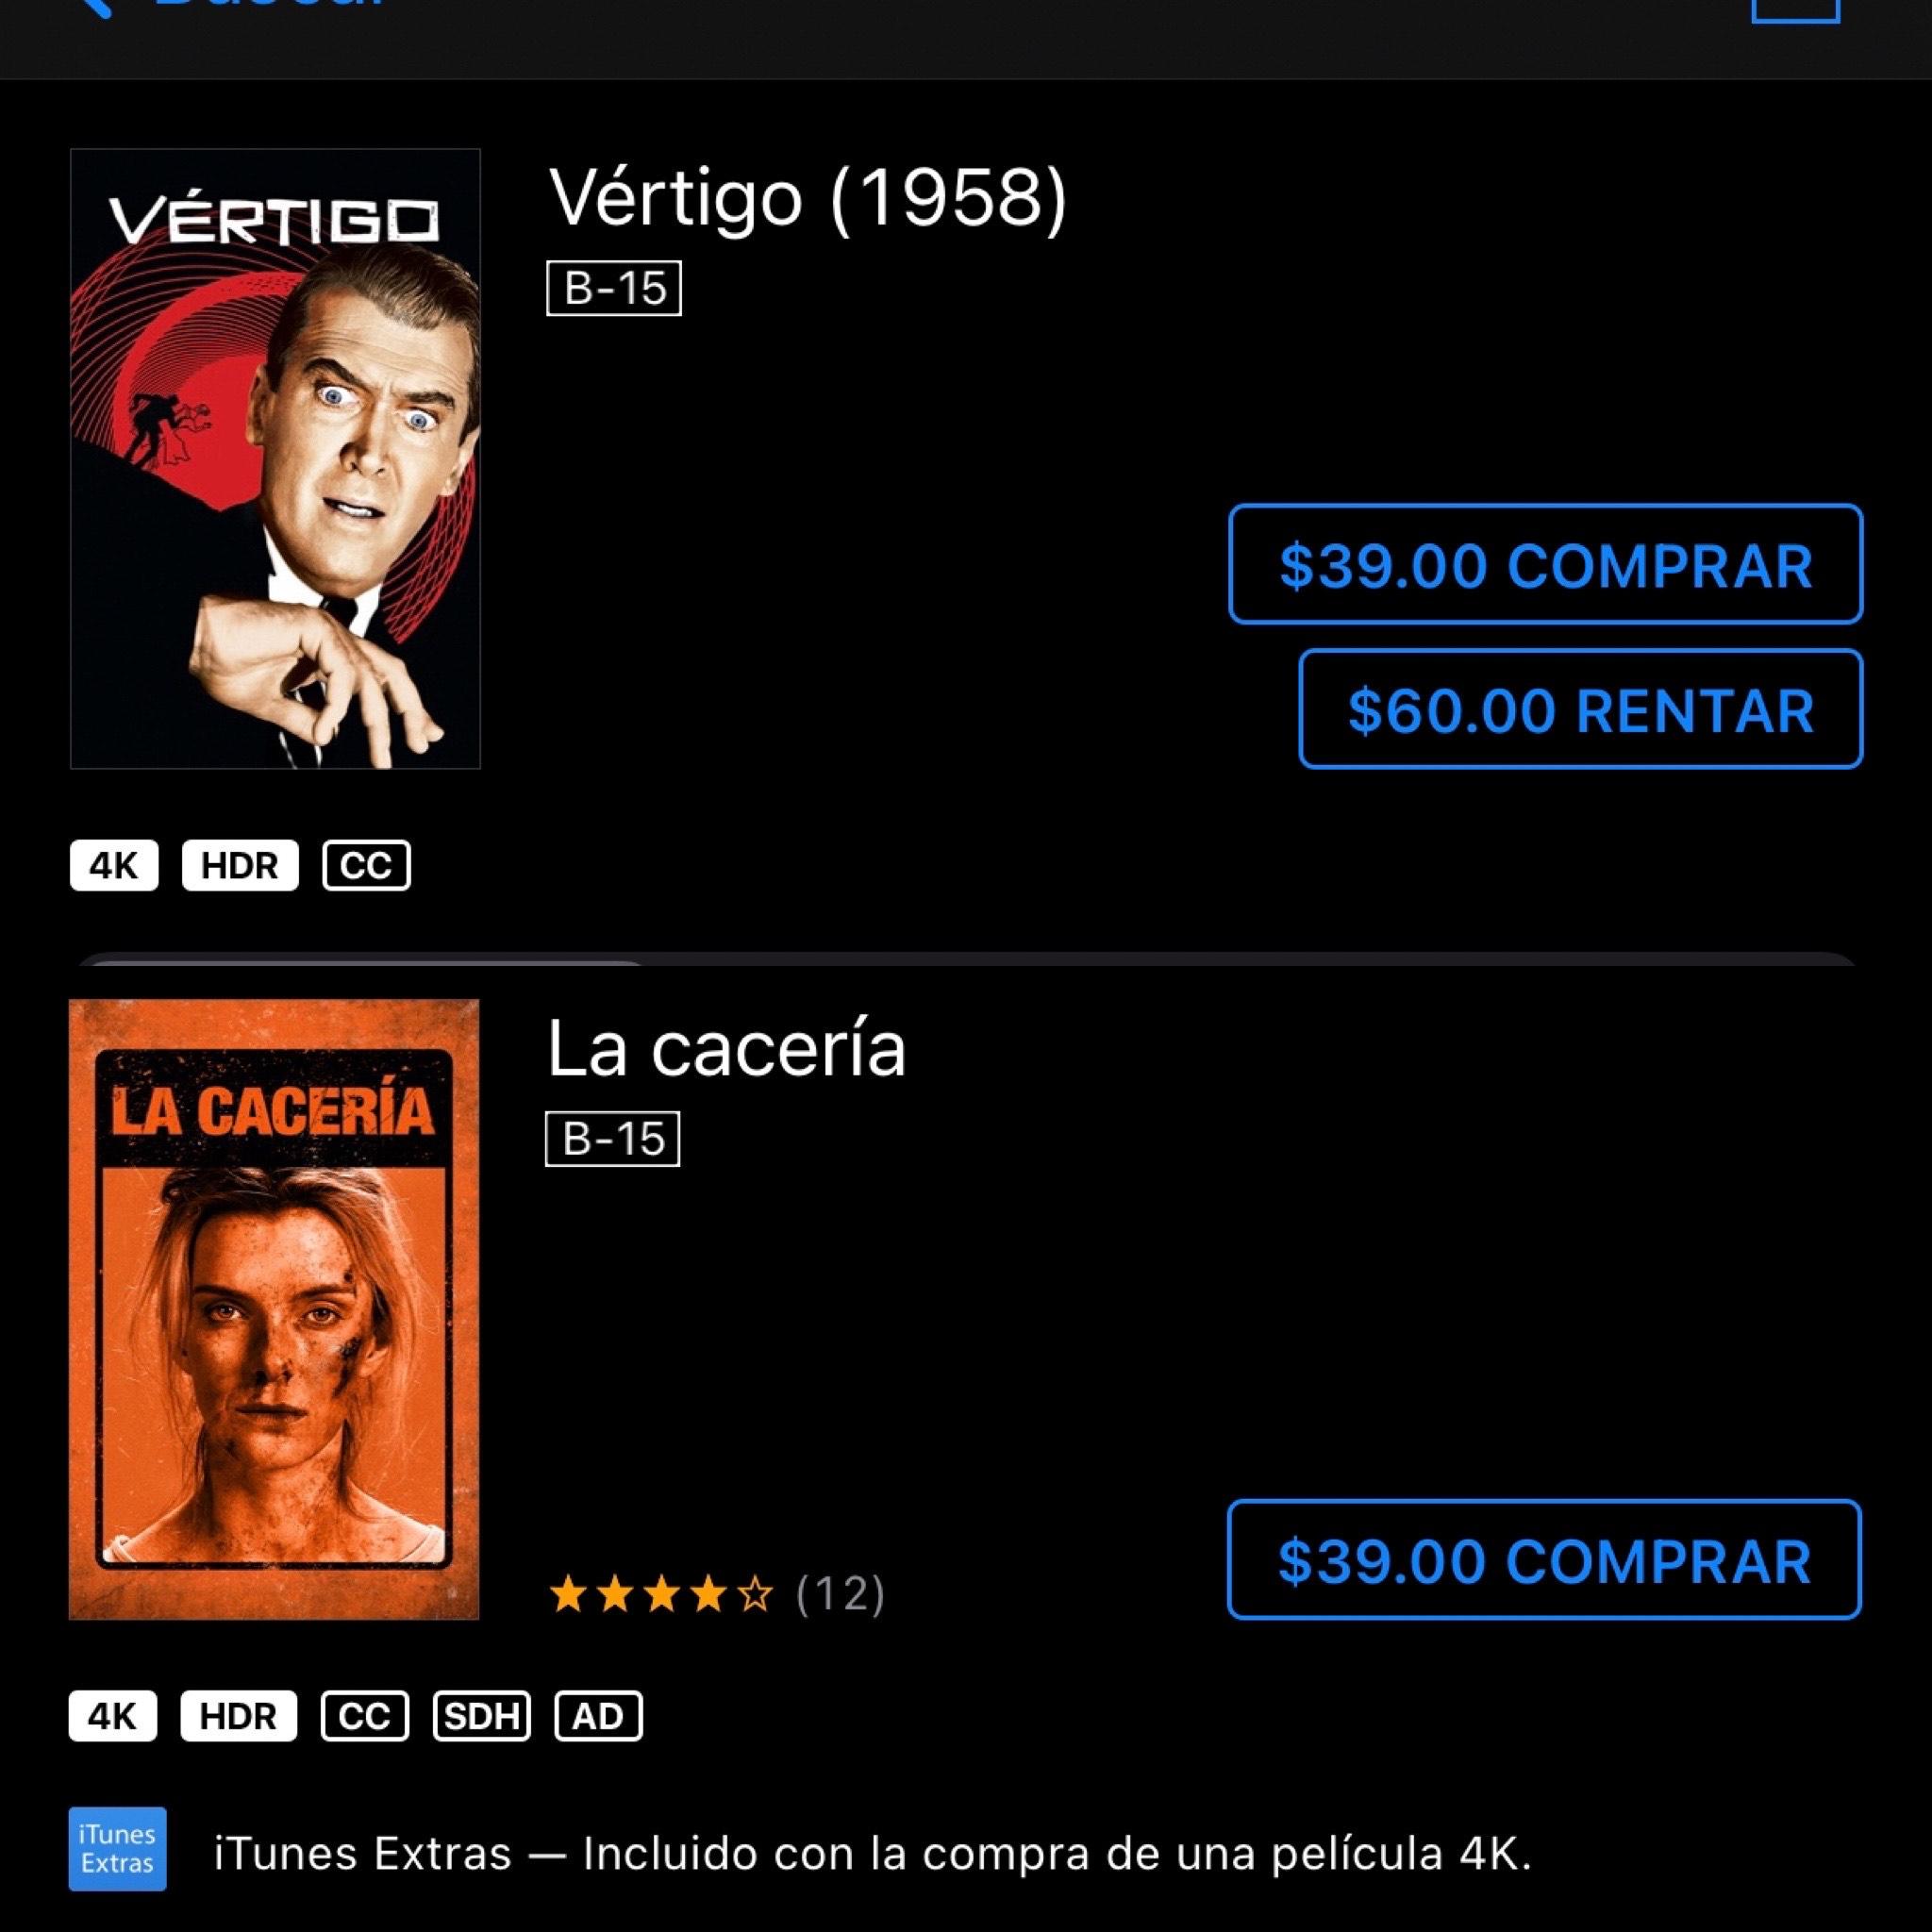 iTunes: La cacería 4K/ Vértigo 4K